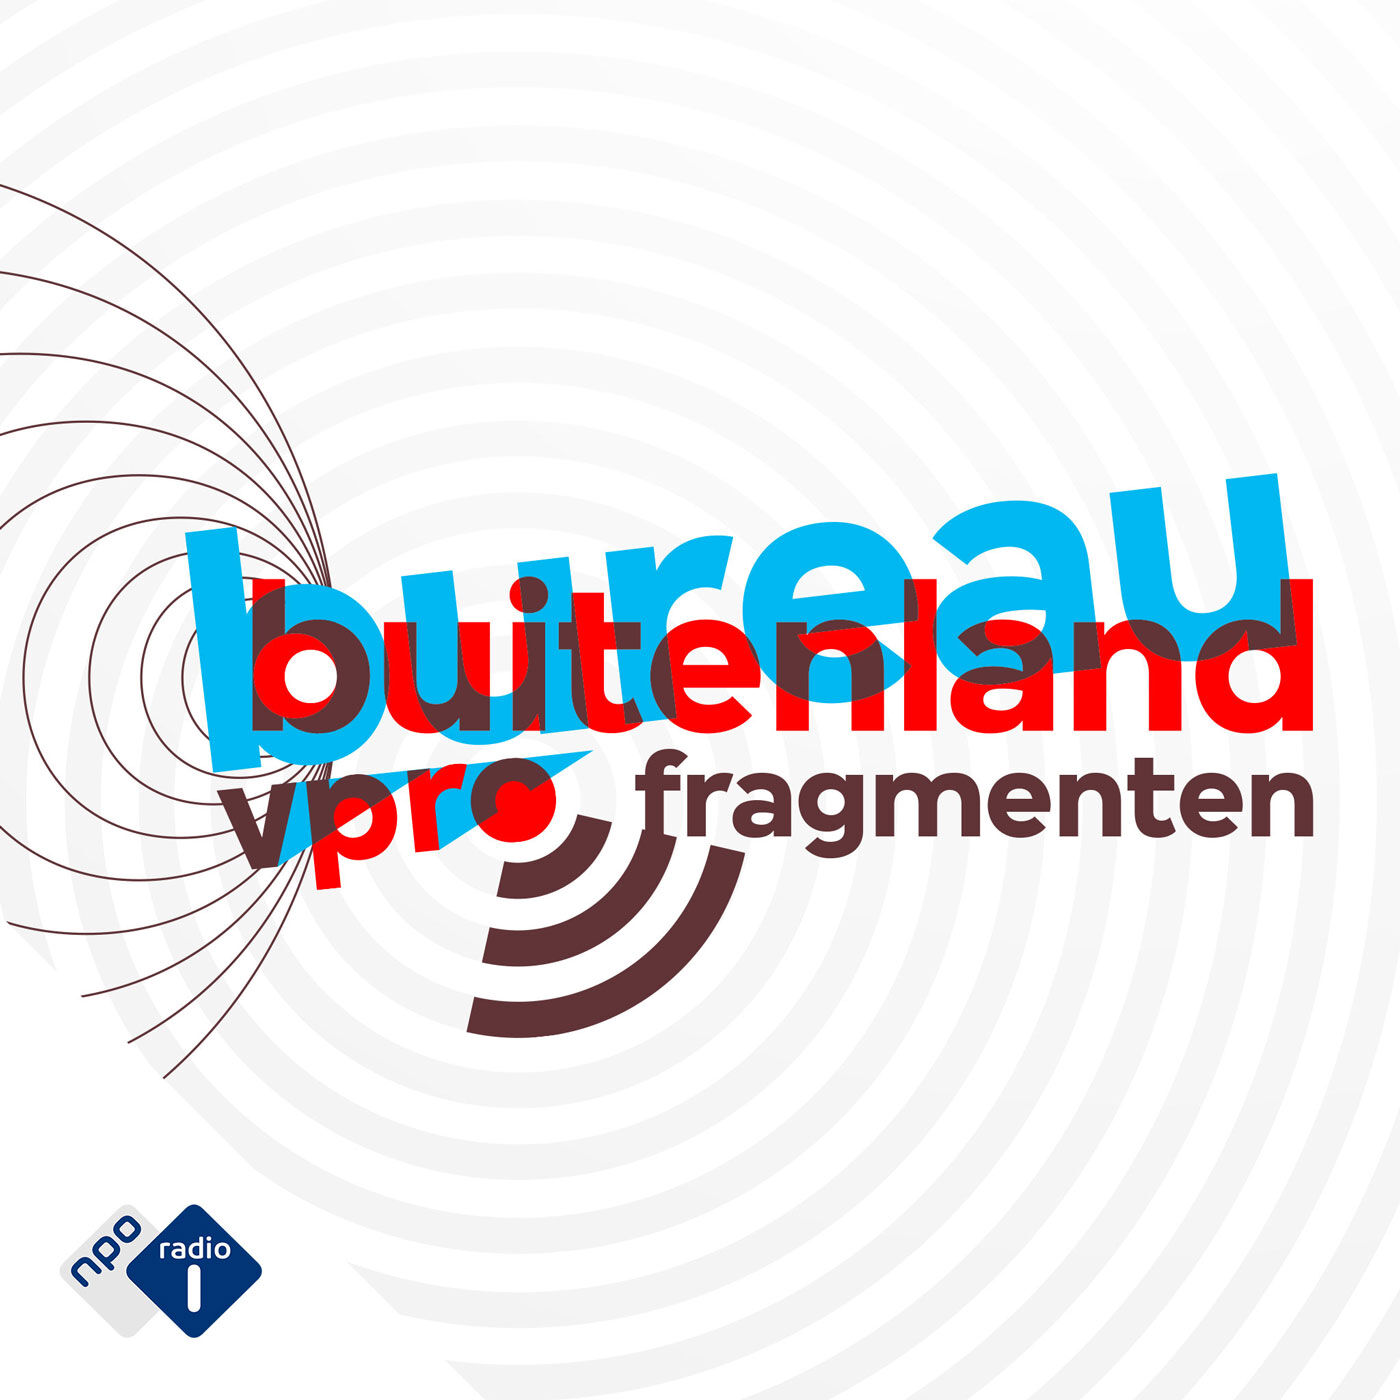 Bureau Buitenland fragmenten